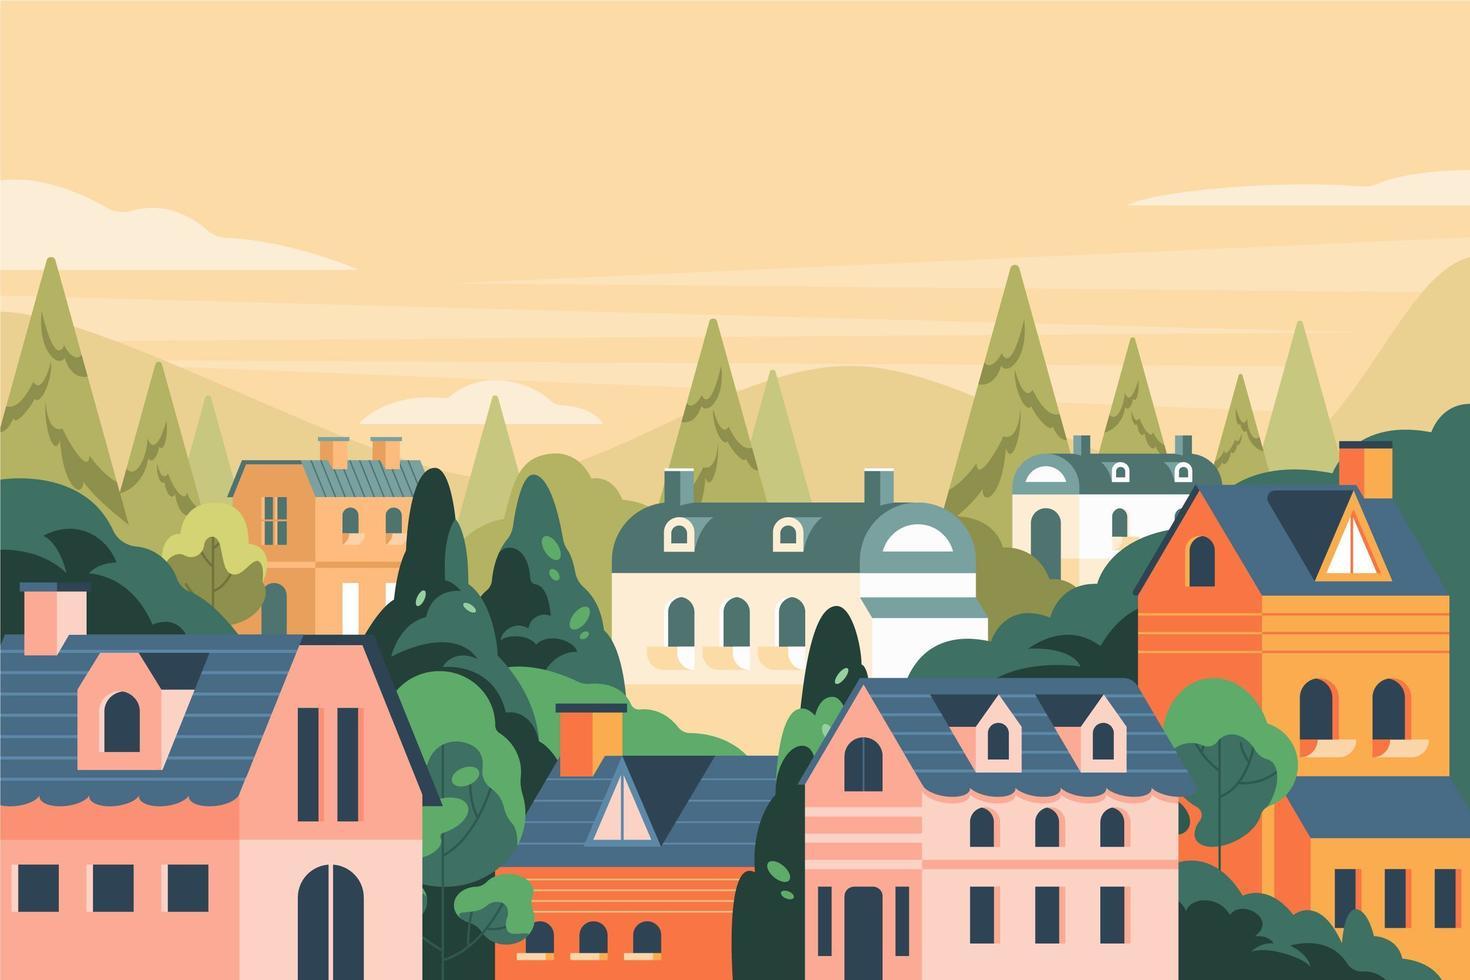 flaches Haus auf dem Hügellandschaftshintergrund vektor